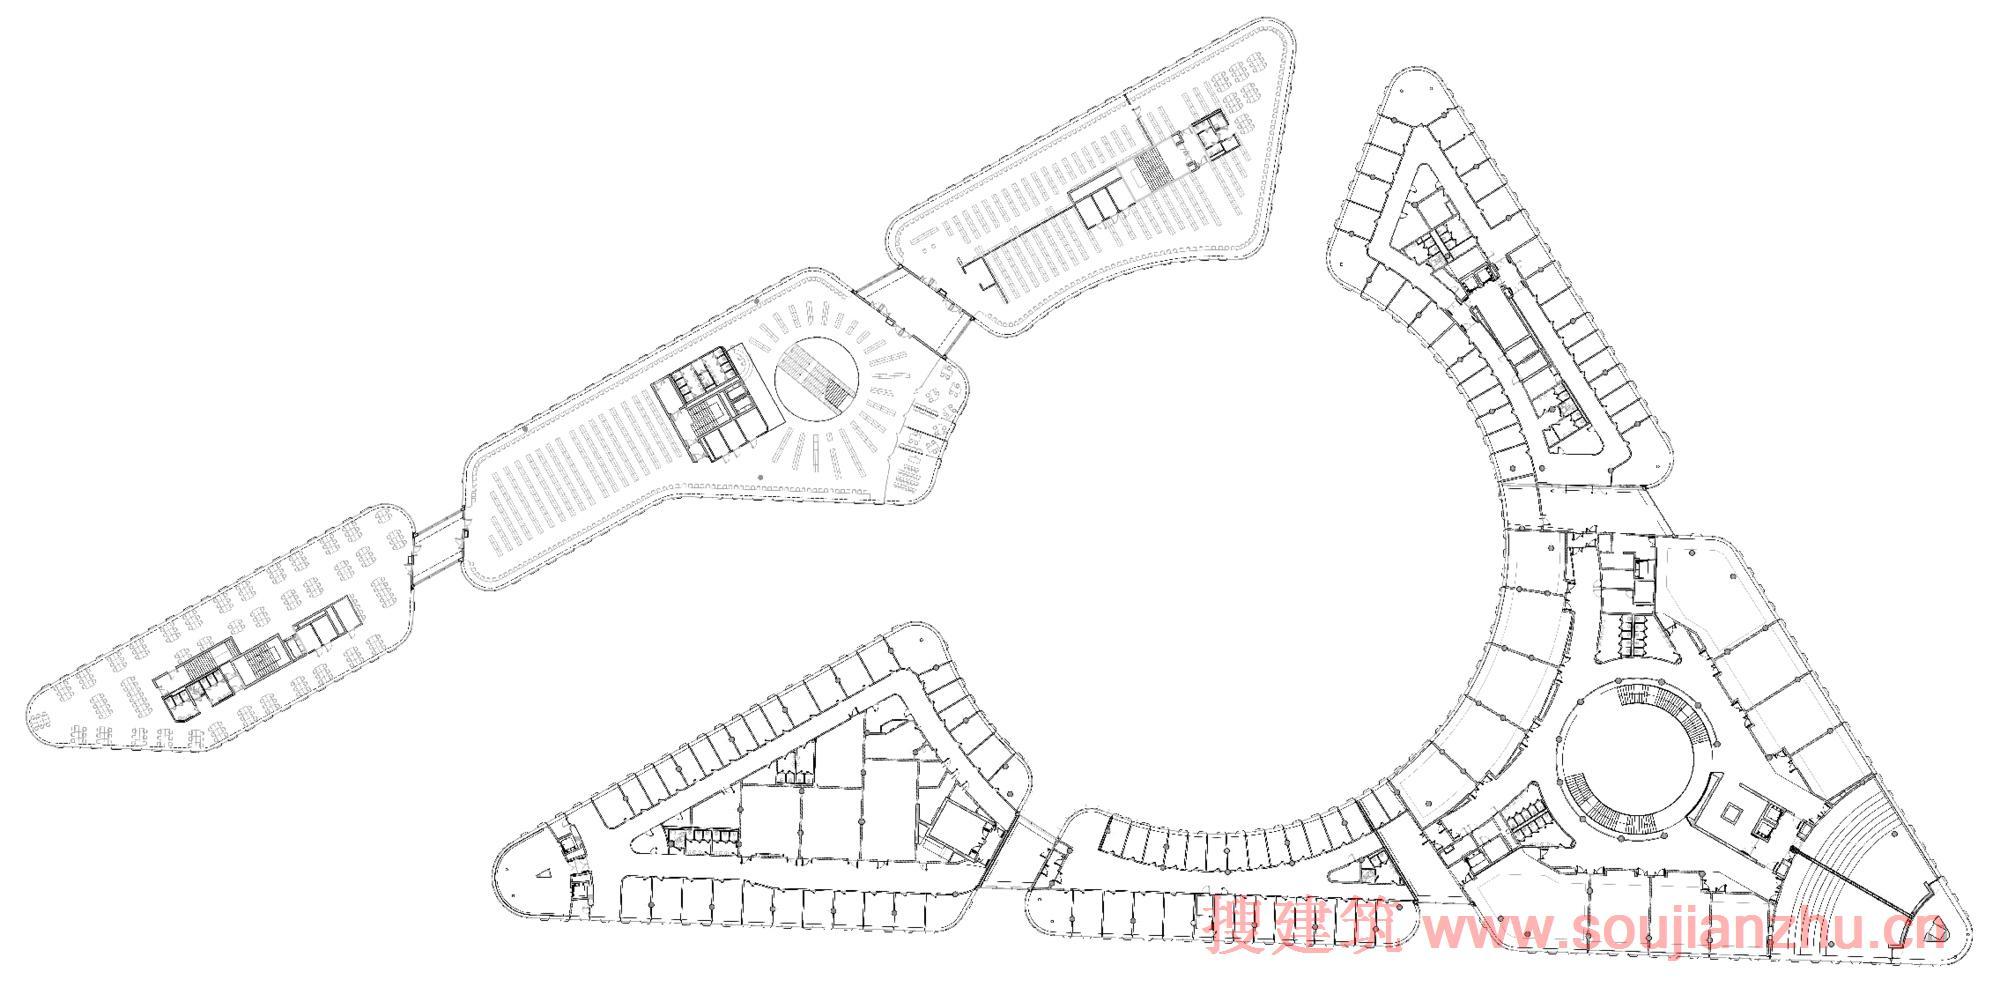 建筑师:Marco Visconti & Foster + Partners 地点:意大利 都灵 年份:2013   在一个5000名学生、单一、现代学校中,合并法律和政治科学设施,该项目为都灵大学创造了灵活的新设施,,以及建立了机构和更广泛的社区间的新连接。   设计是一个现代诠释传统的四角庭院,由两个相互联系的建筑组成,由一个屋顶篷统一,围绕中央庭院安排。新四层图书馆坐落在北面,与多拉河平行,南面是法律和政治科学设施每个教师都有自己从中央庭院进入的入口。一楼有演讲厅、流通和社会空间